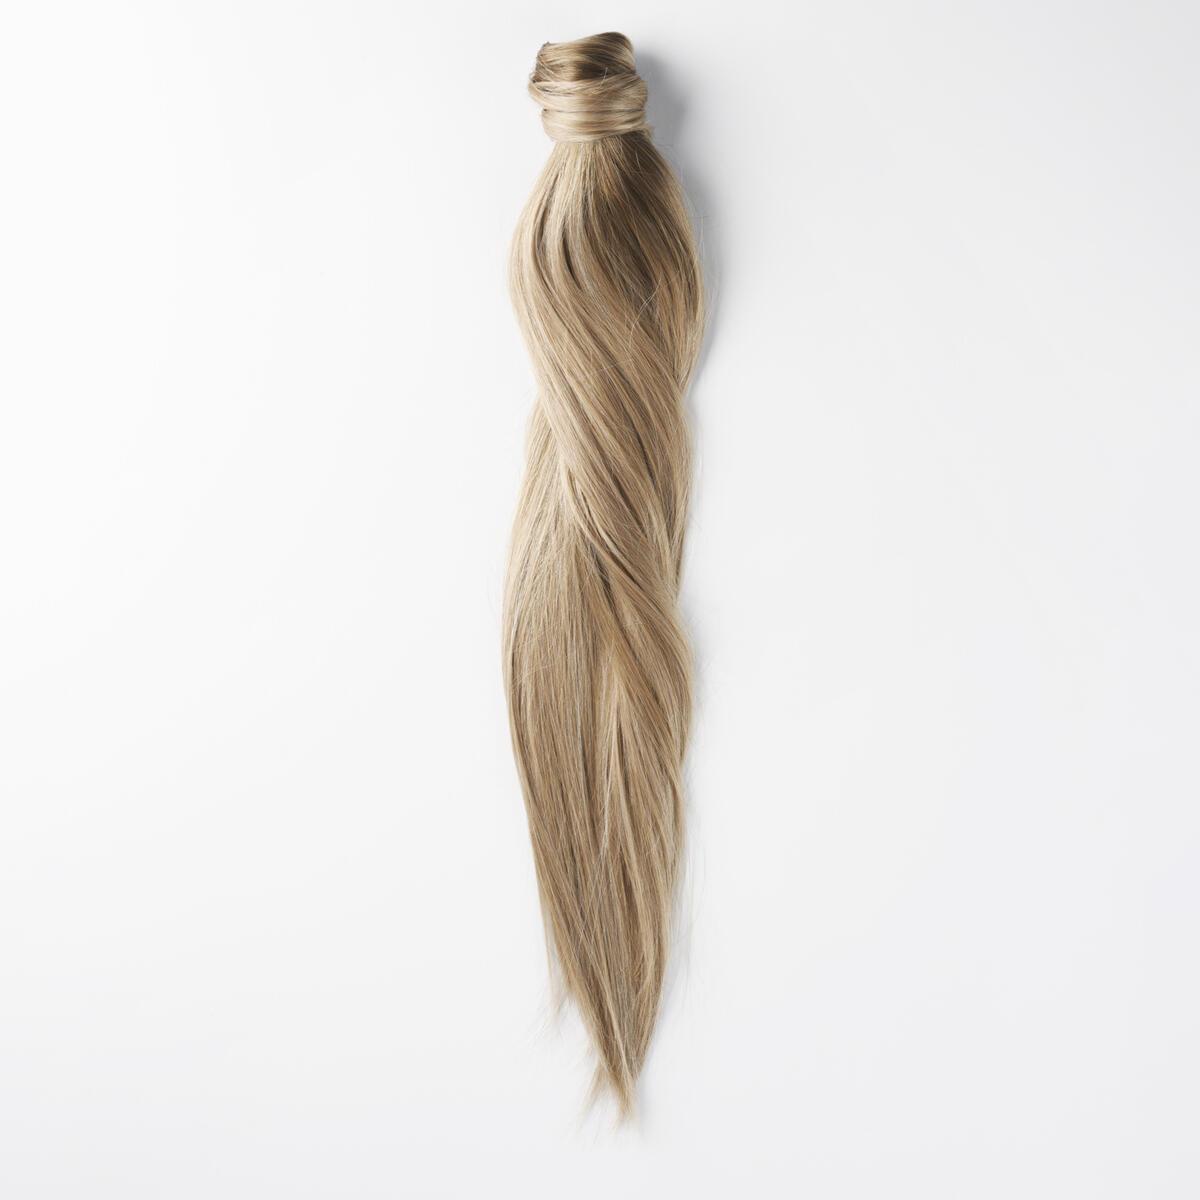 Clip-in Ponytail Original B5.1/7.3 Brown Ash Blonde Balayage 50 cm